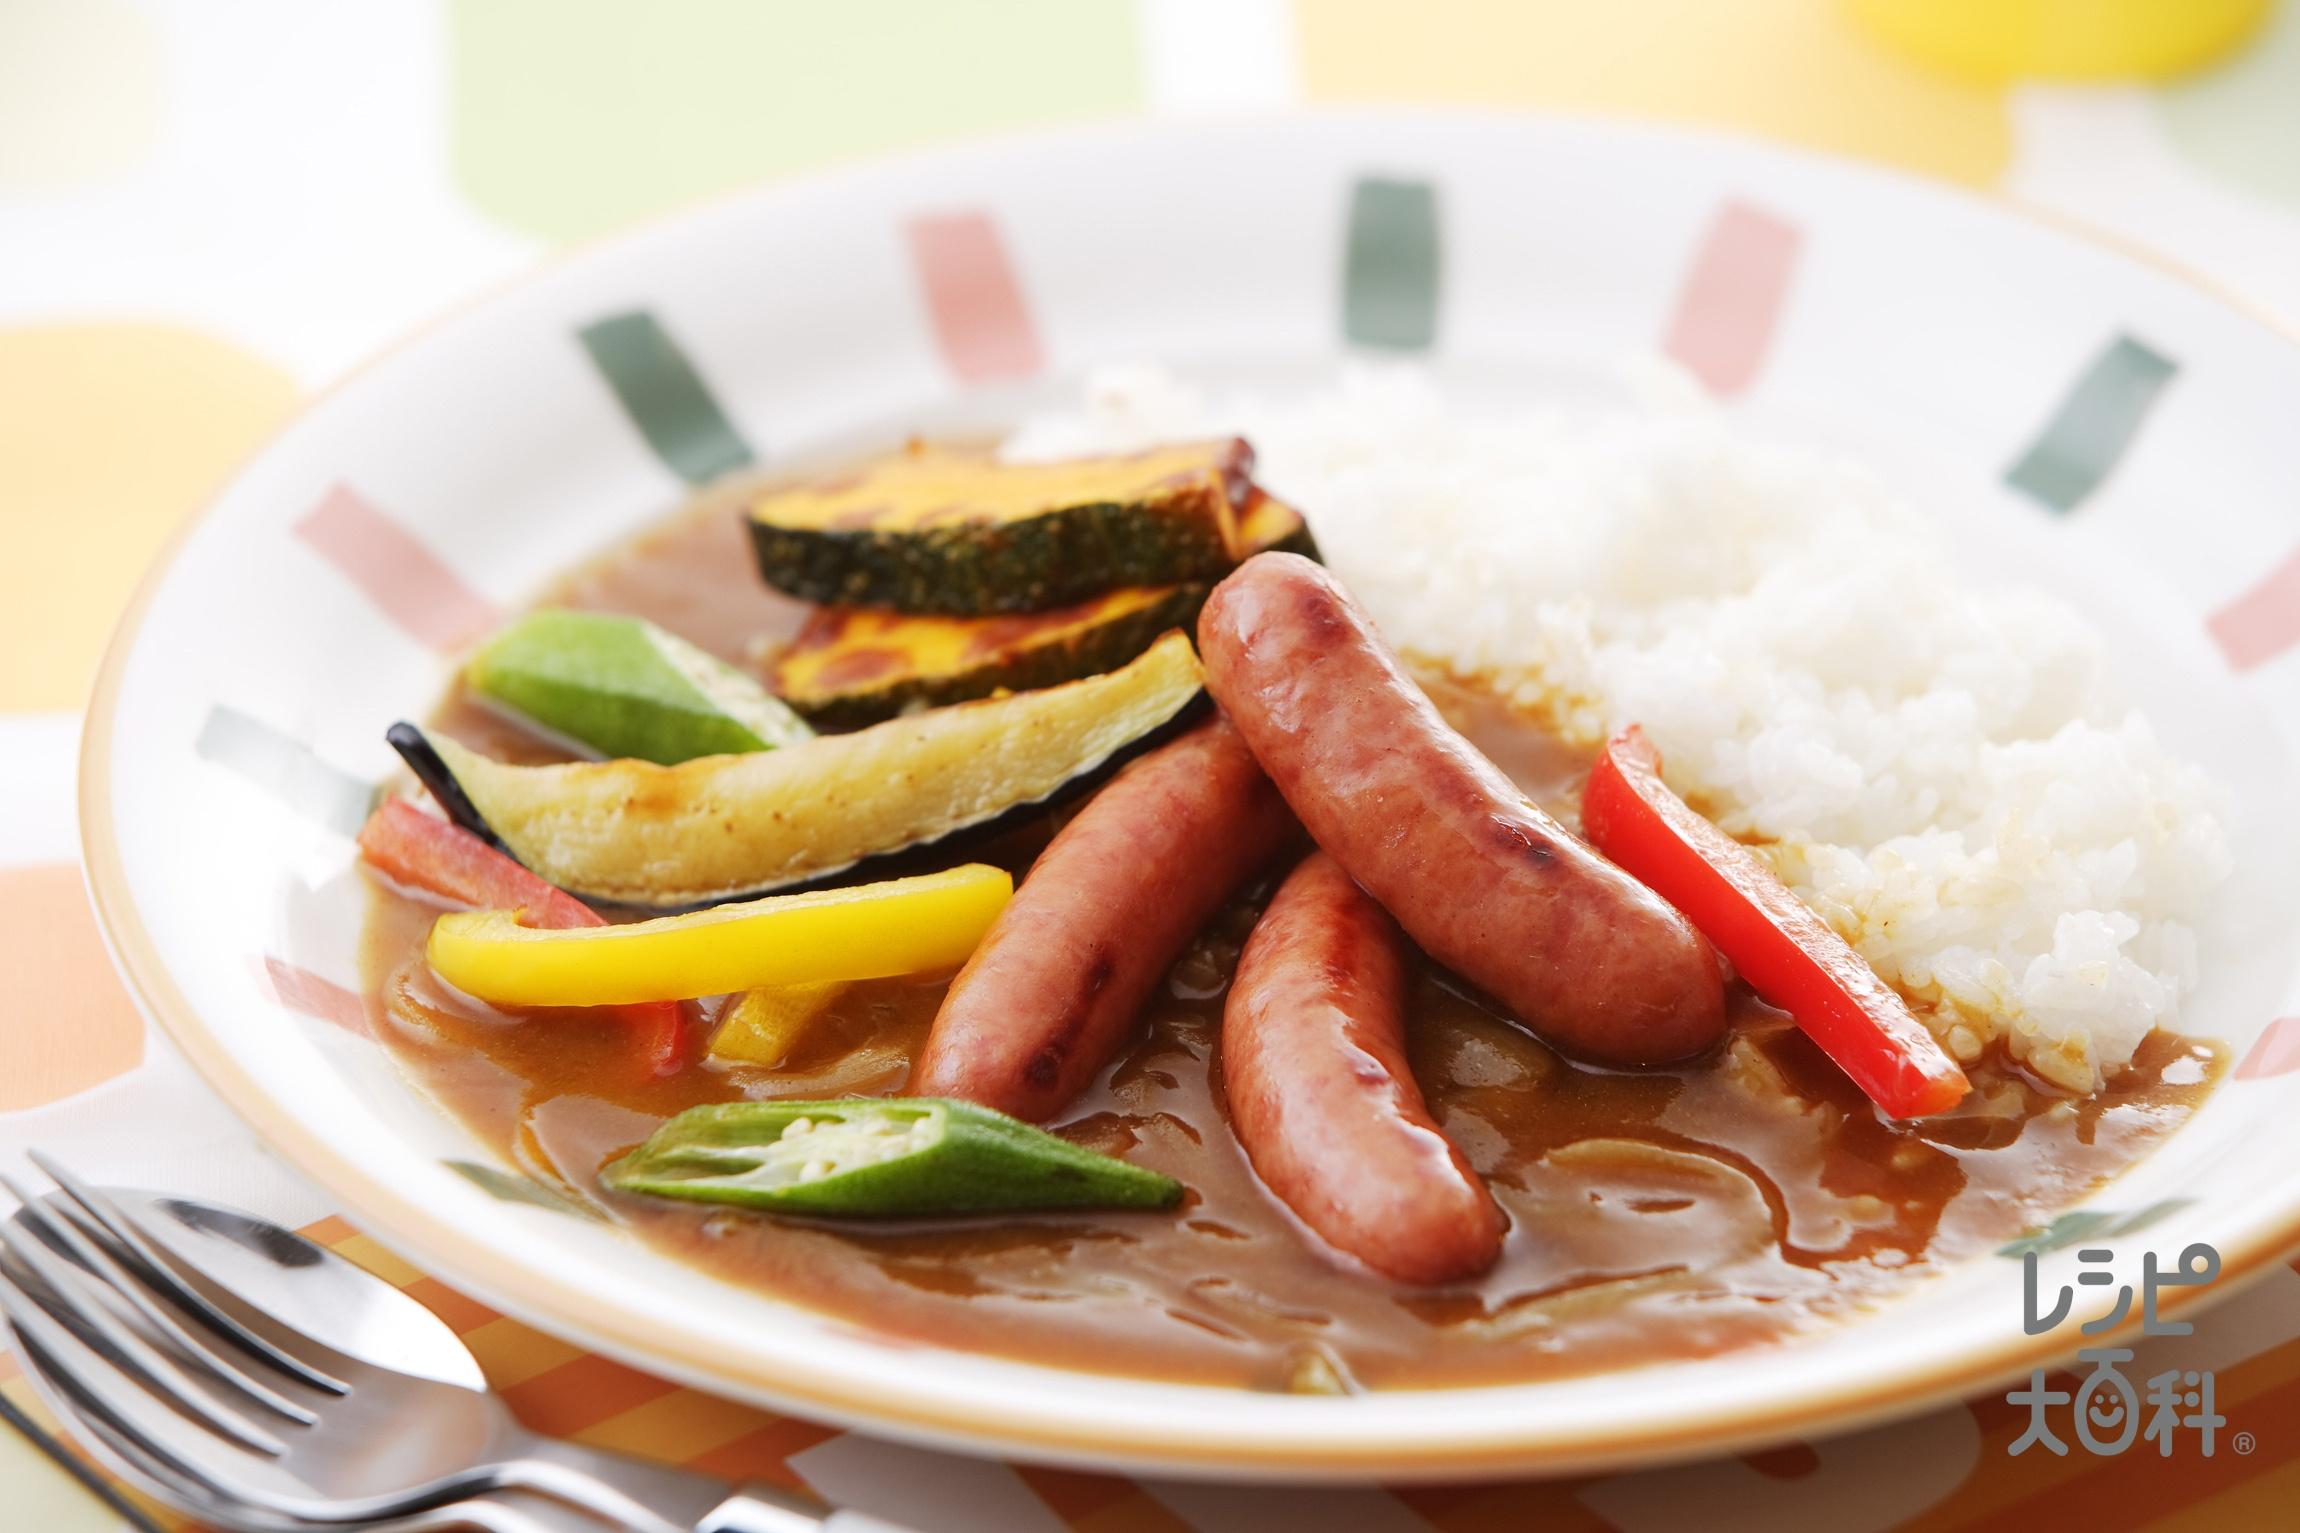 料理の基本が学べる!ウィンナーと夏野菜のカラフルカレー